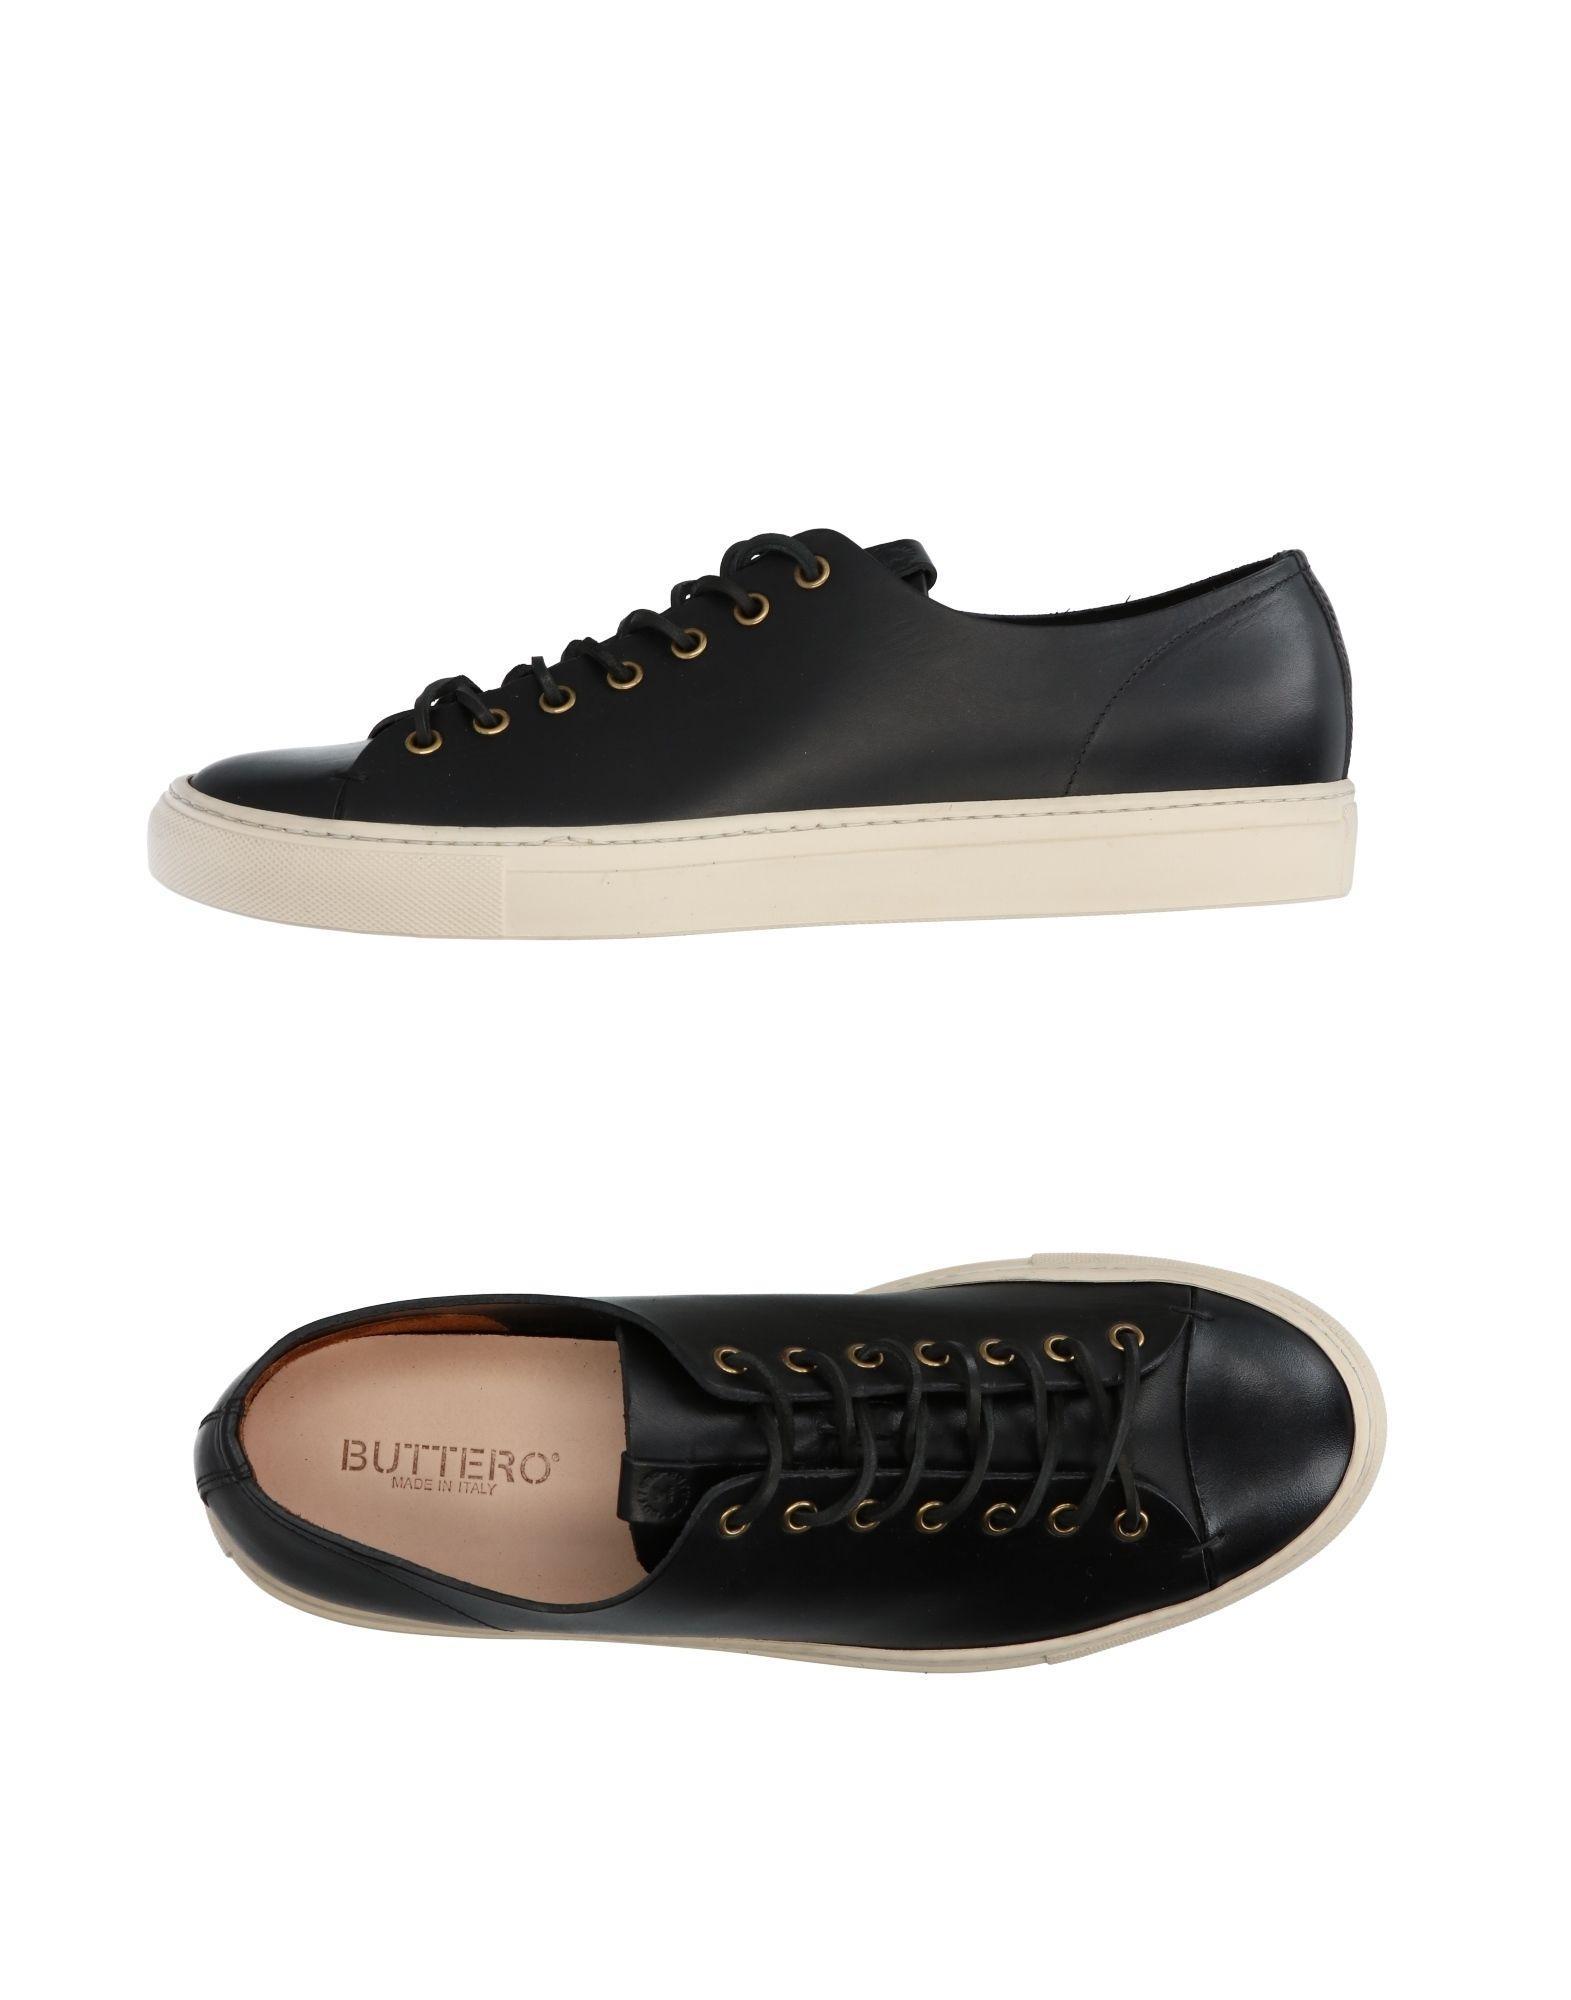 Buttero ® Sneakers In Black